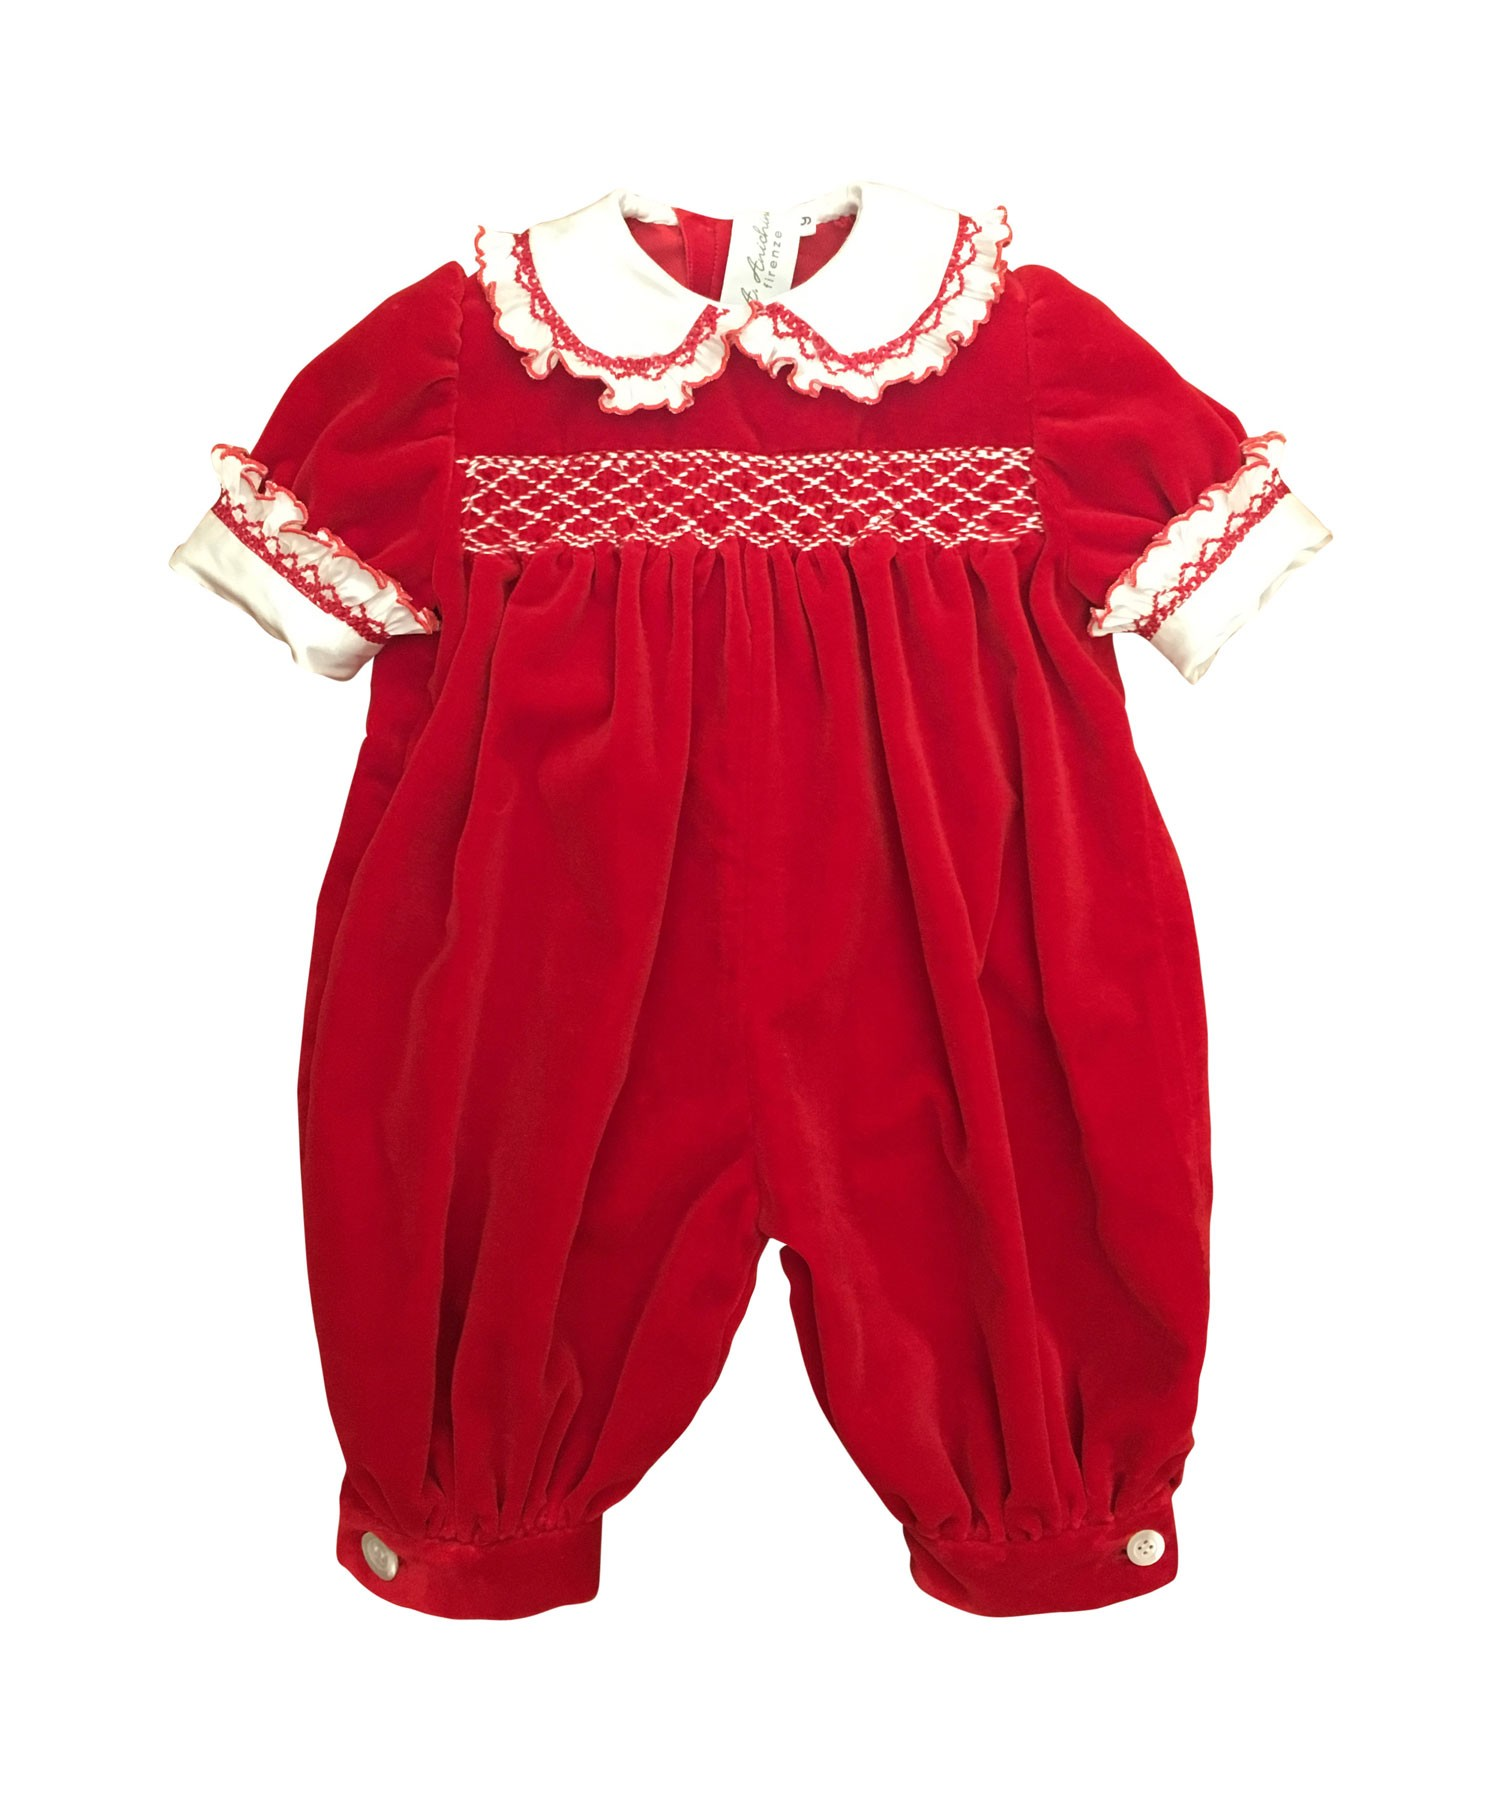 Popolare Abbigliamento per neonato e baby - Anichini TO86